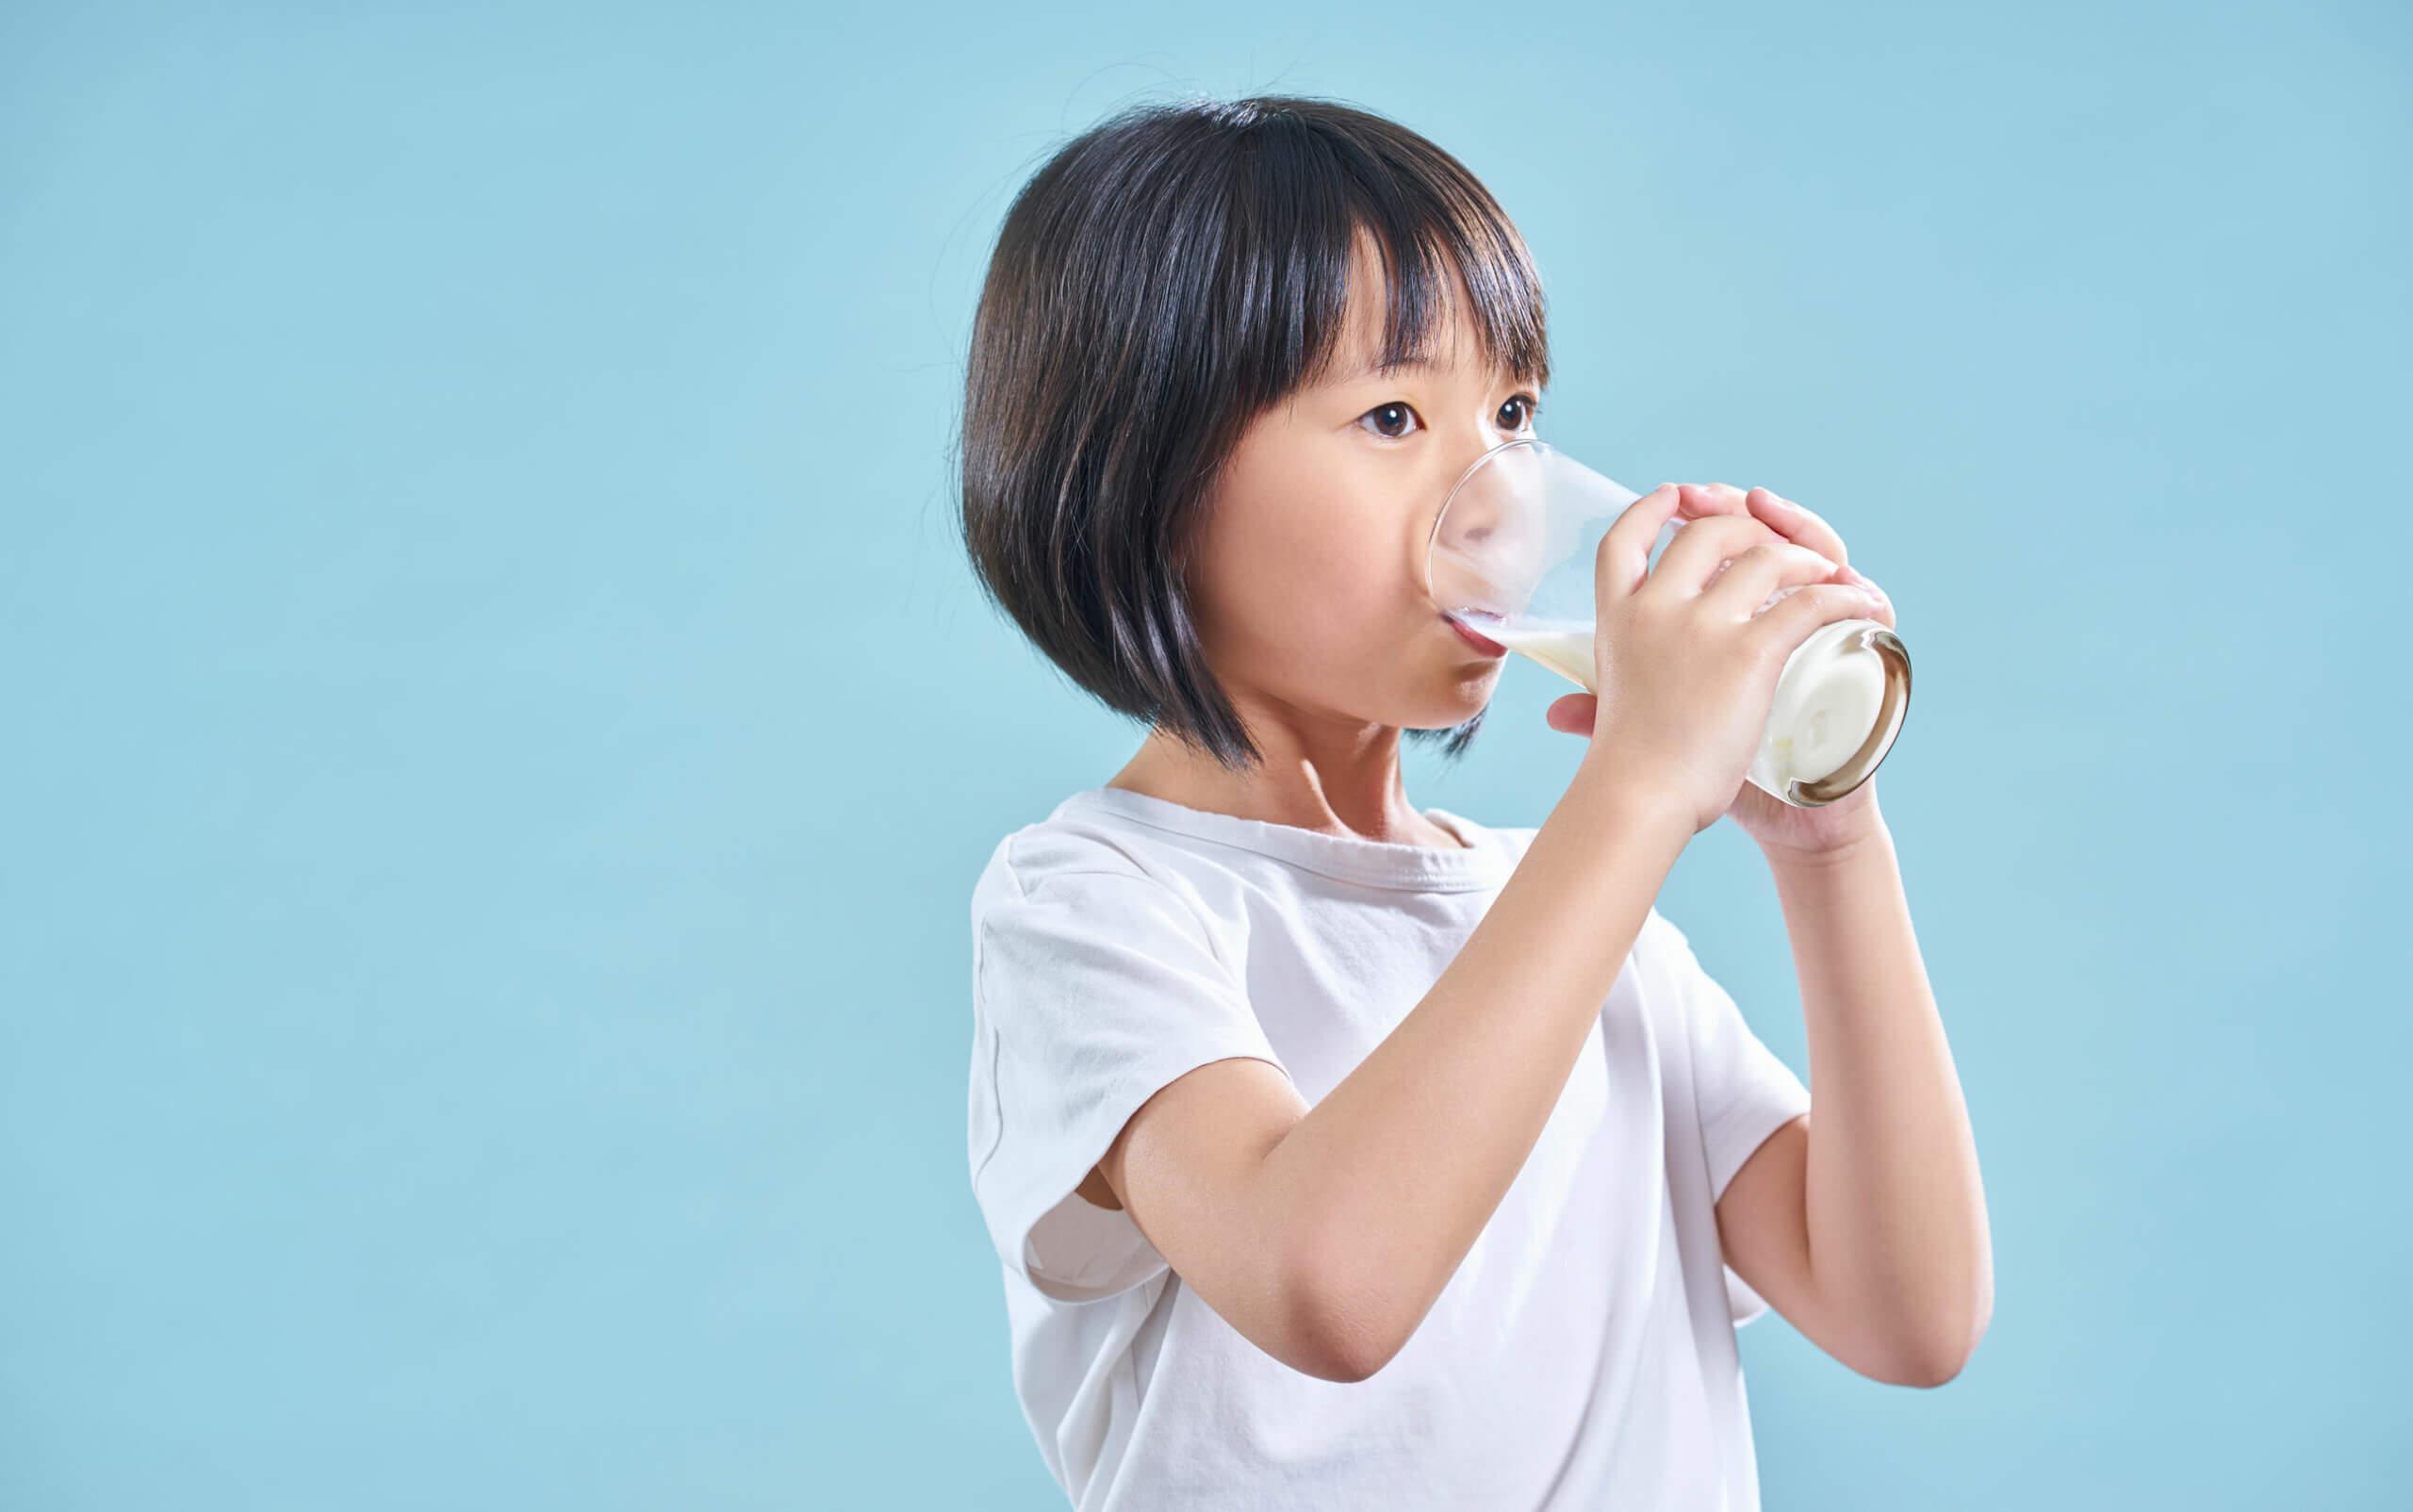 Leche descremada versus leche entera: las diferencias radican en la proporción de grasas.